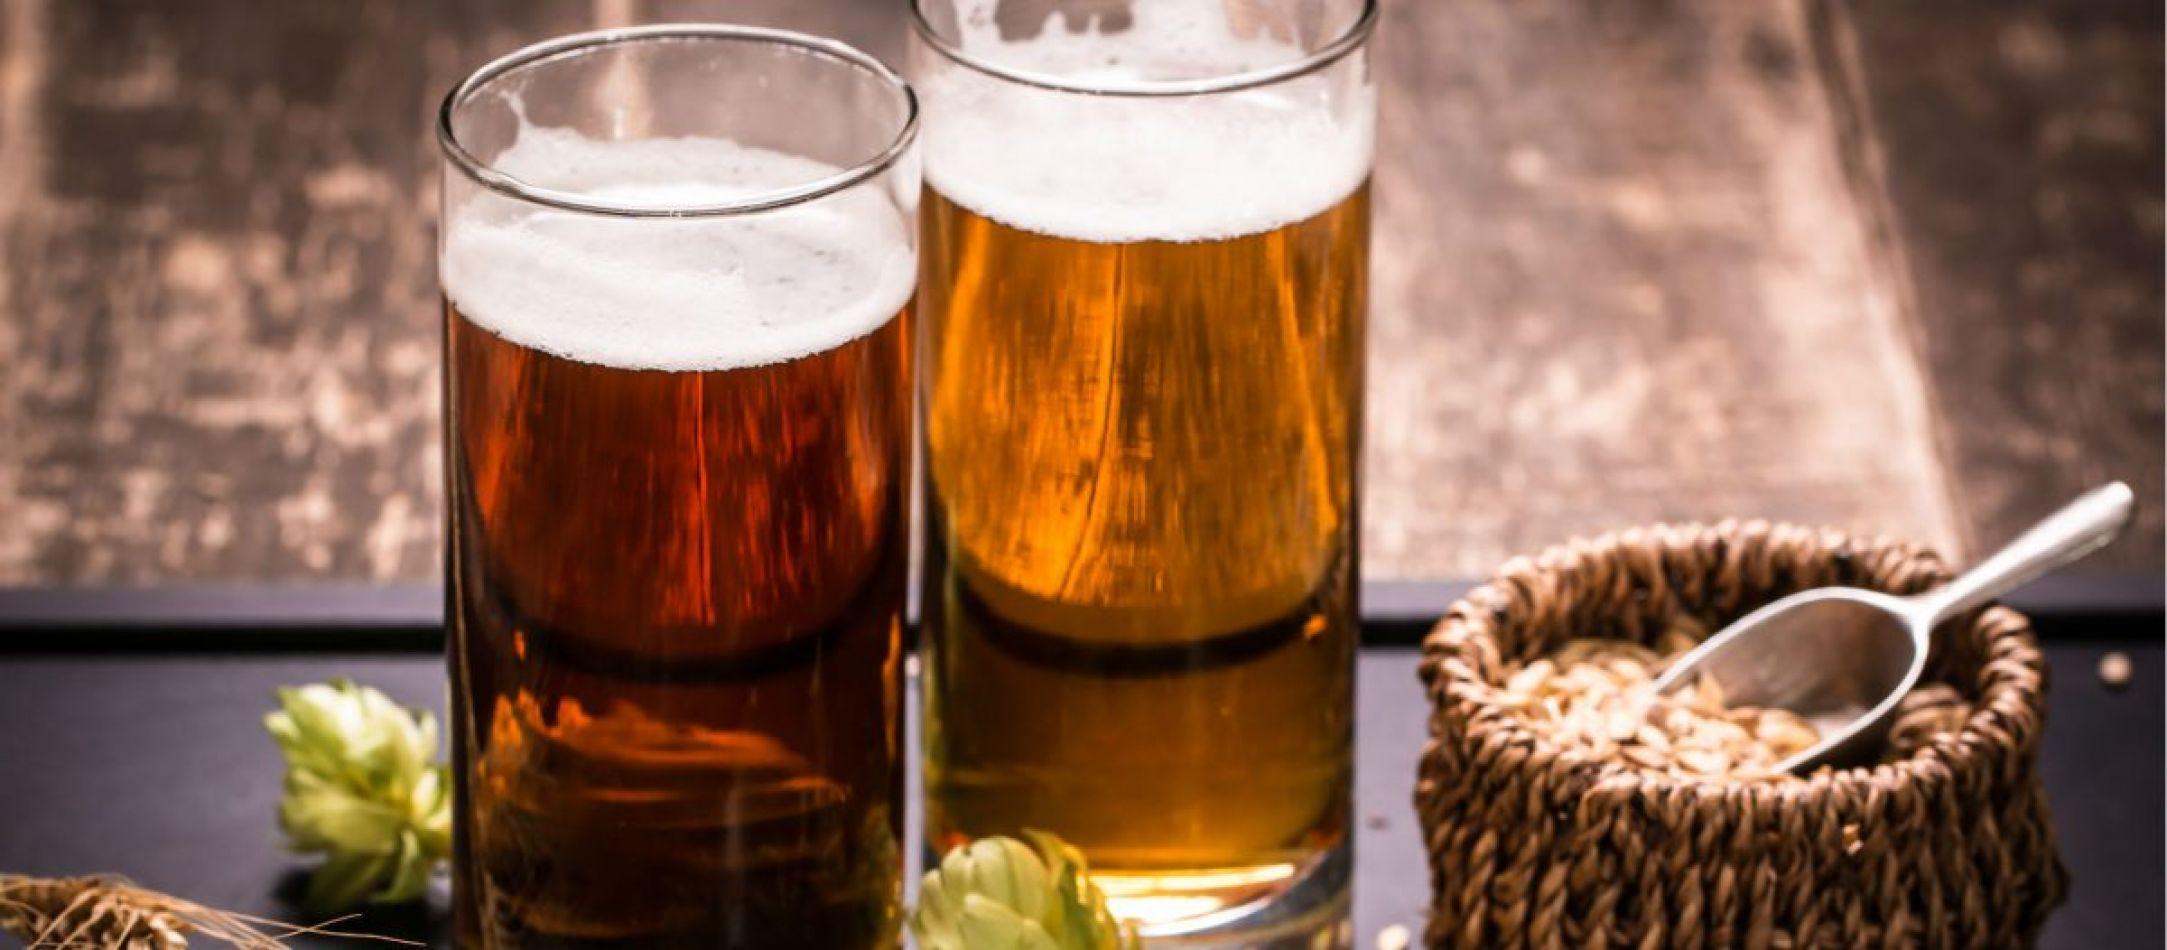 Productores de cerveza artesanal y científicos se reunieron en Esquel